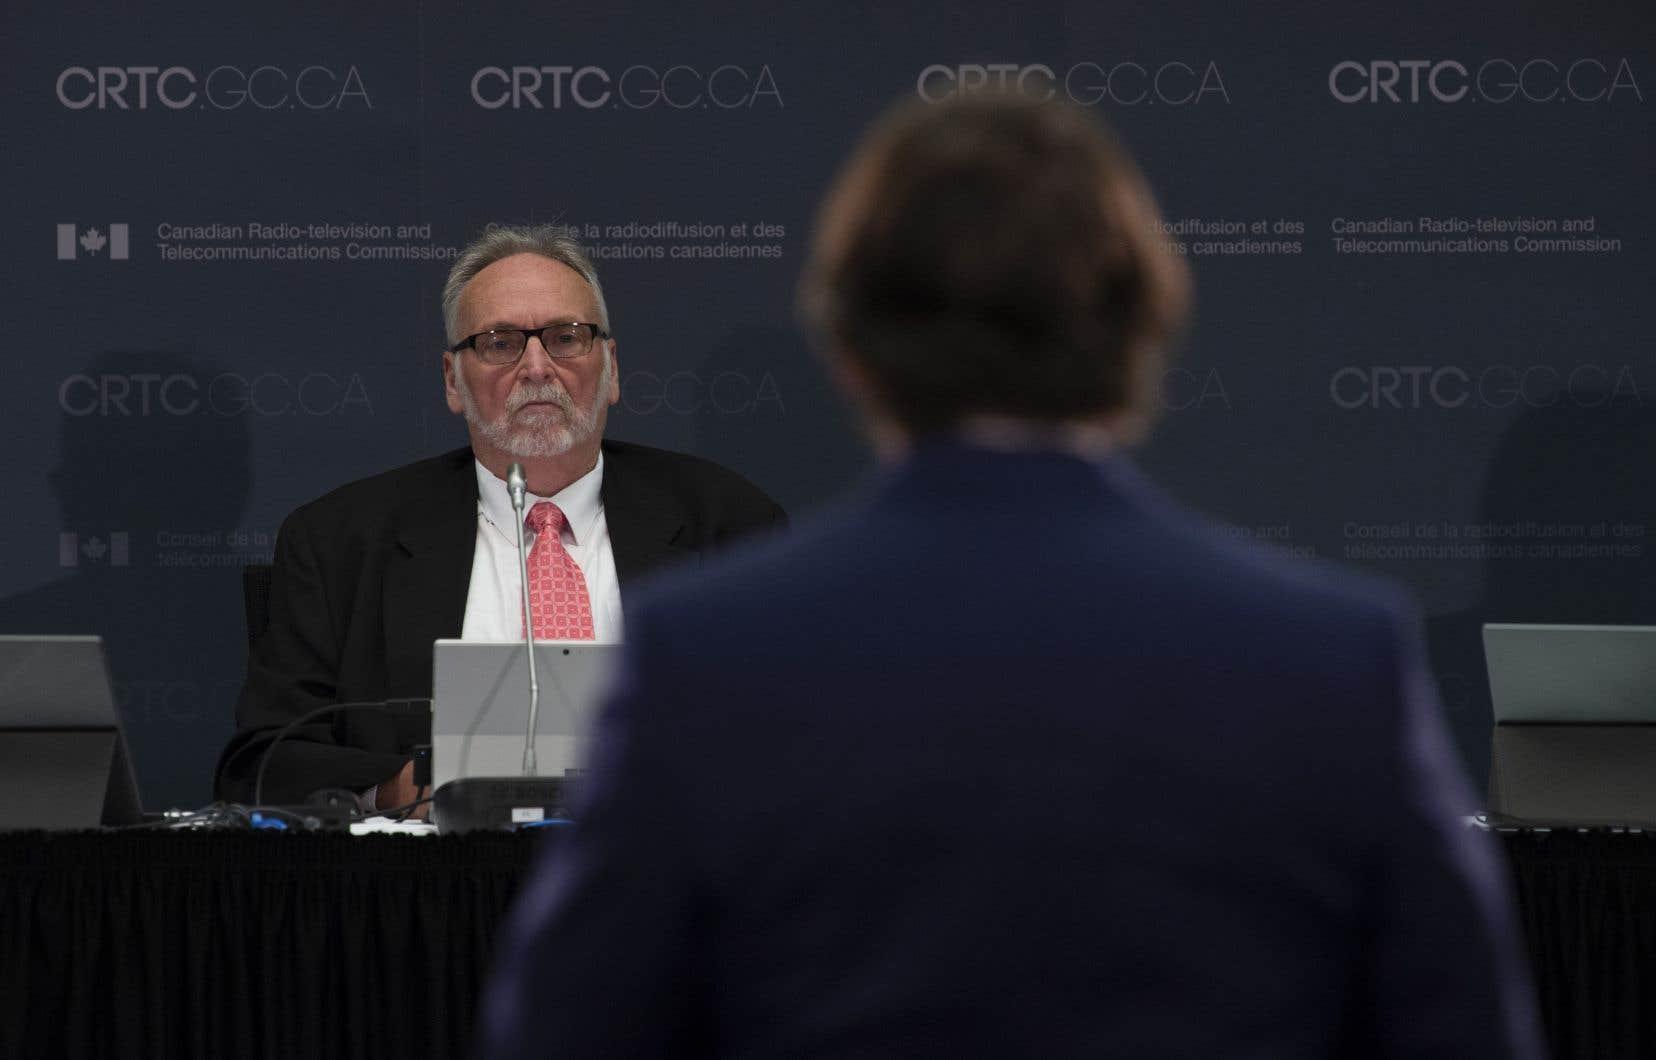 «La Société Radio-Canada outrepasse son mandat en créant une télévision publique à deux vitesses: des contenus enrichis, exclusifs et offerts en primeur aux mieux nantis, et des contenus réguliers et des reprises à la masse», plaidait Québecor en octobre 2019 devant le CRTC.